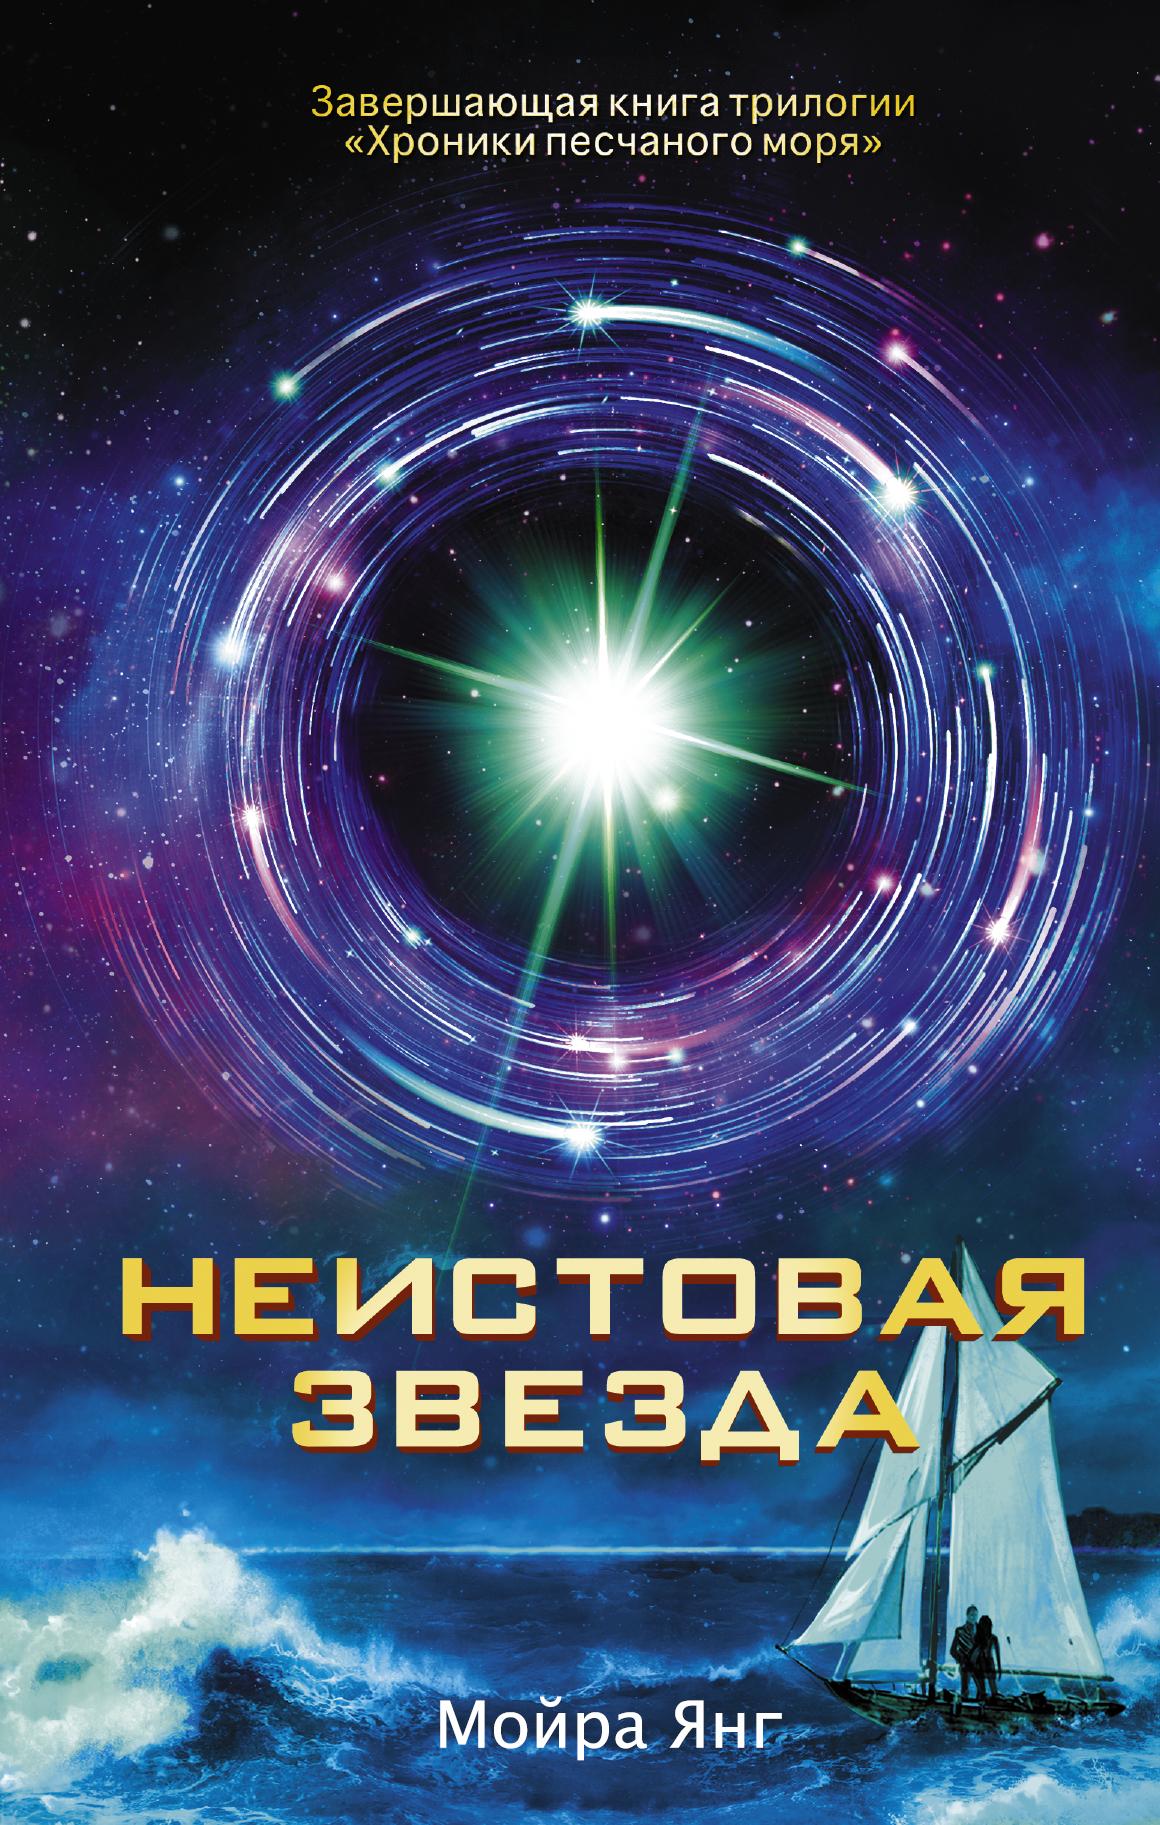 Янг М.Э. Неистовая звезда